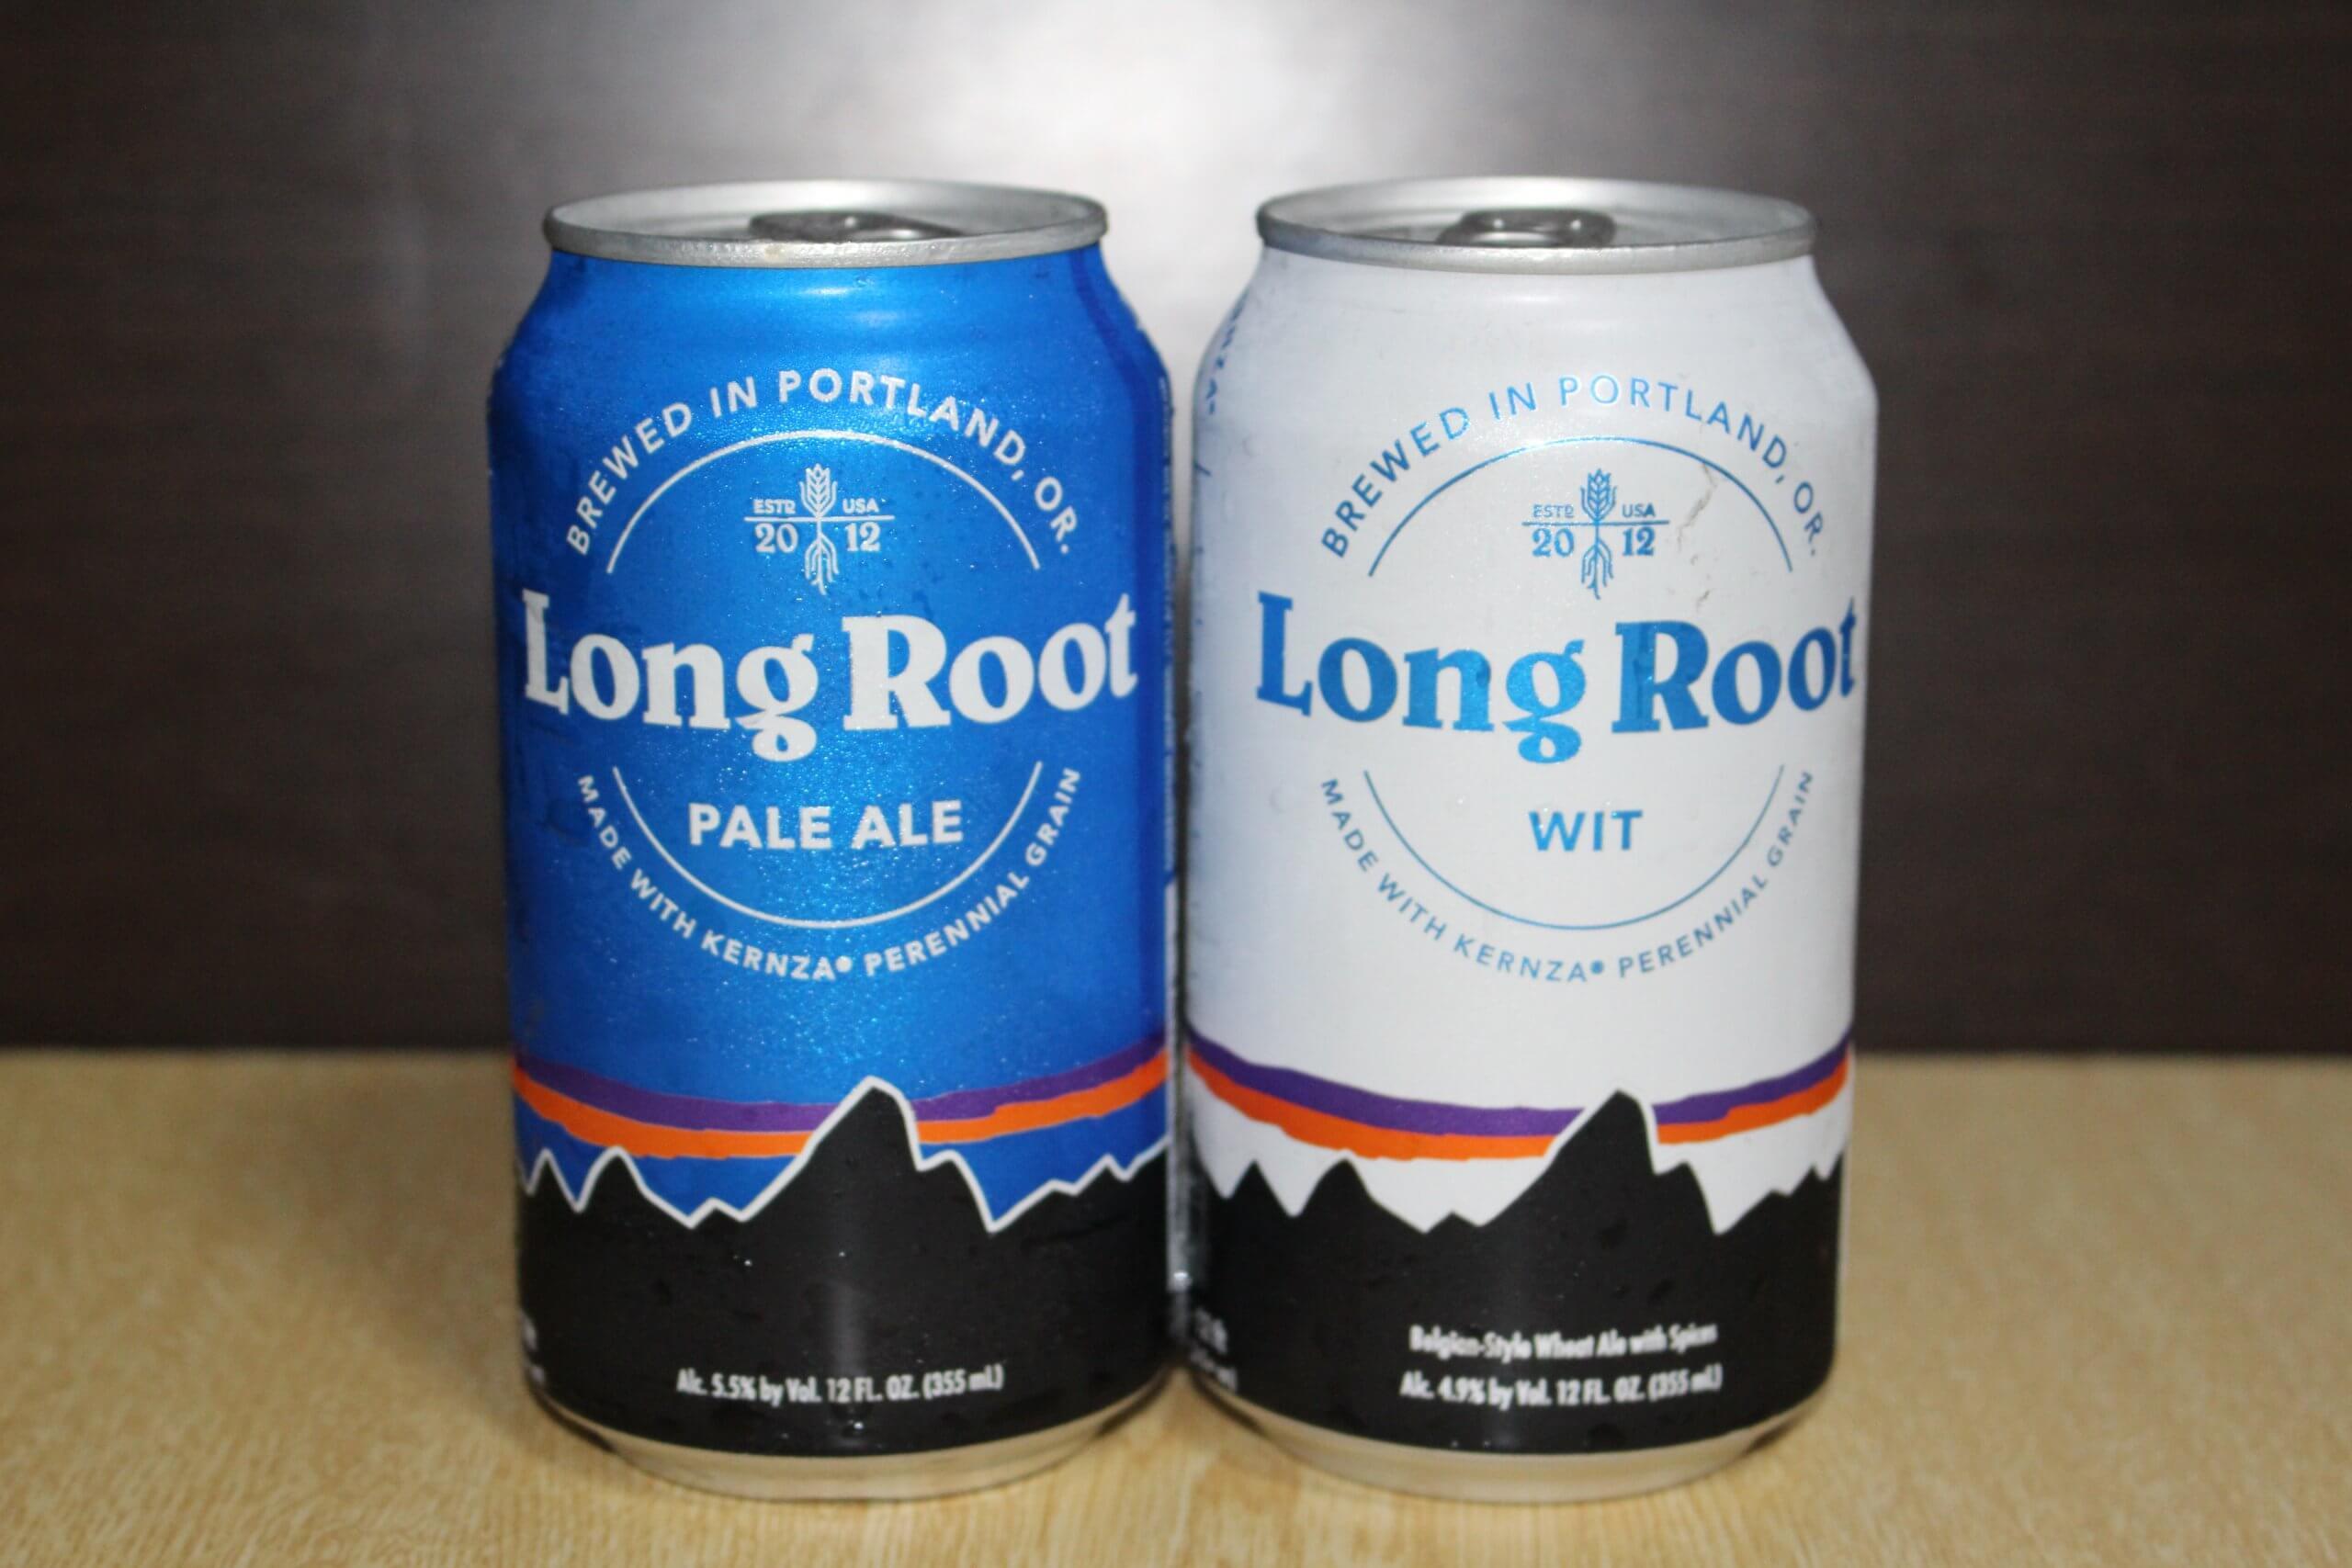 パタゴニアが手掛けるビールは美味しい?環境問題への影響や原料・味の特徴も